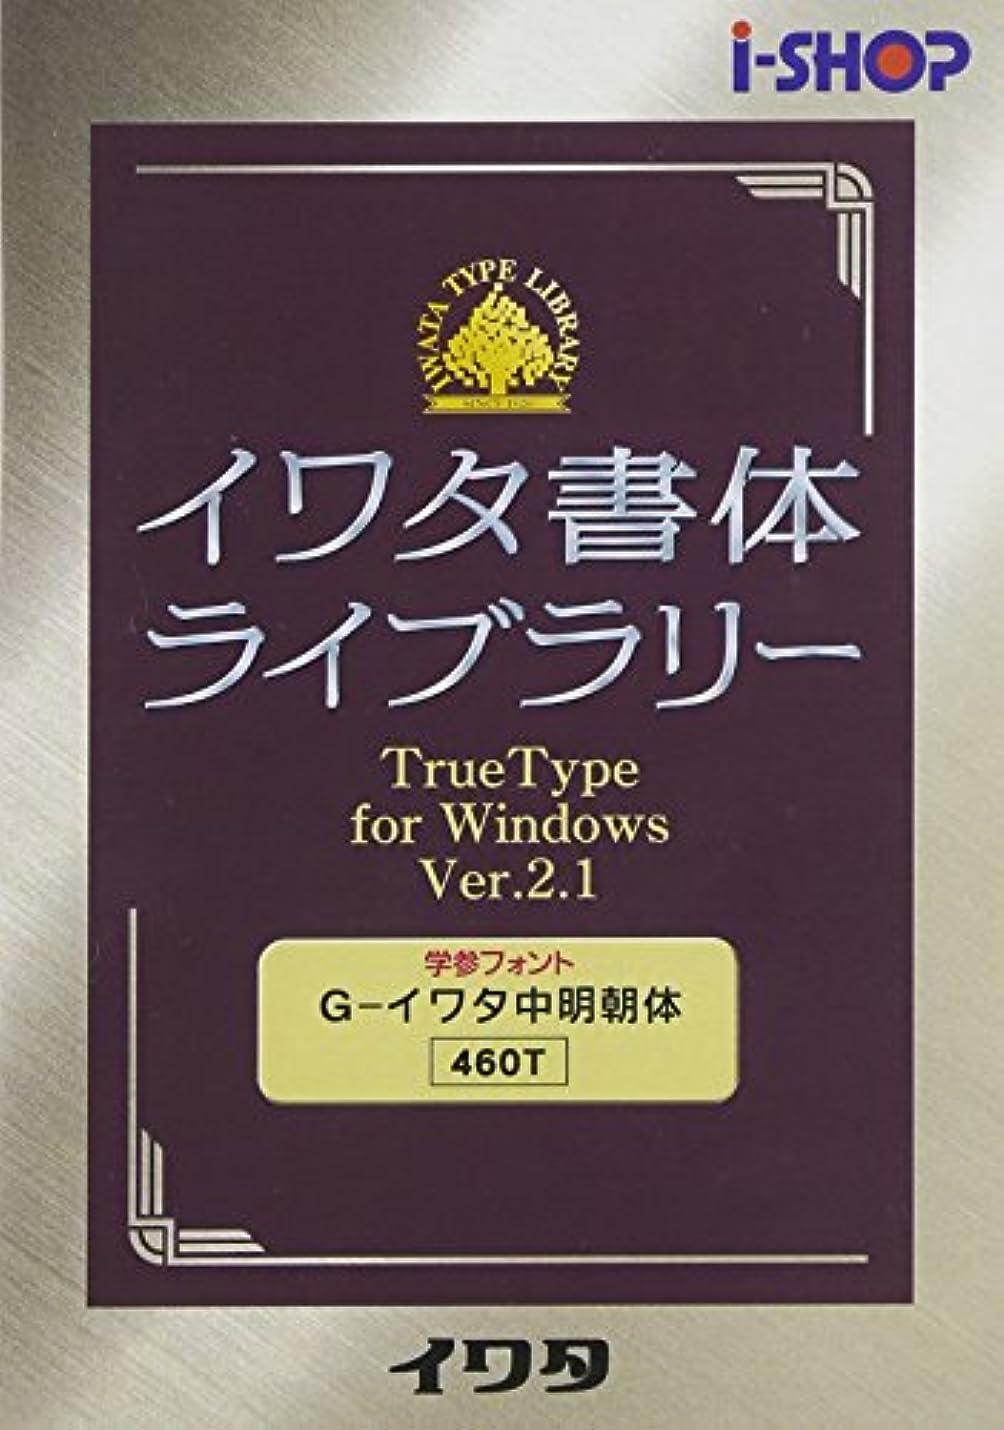 スキム建てる想定するイワタ書体ライブラリー Ver.2 Windows版 TrueType G-イワタ中明朝体